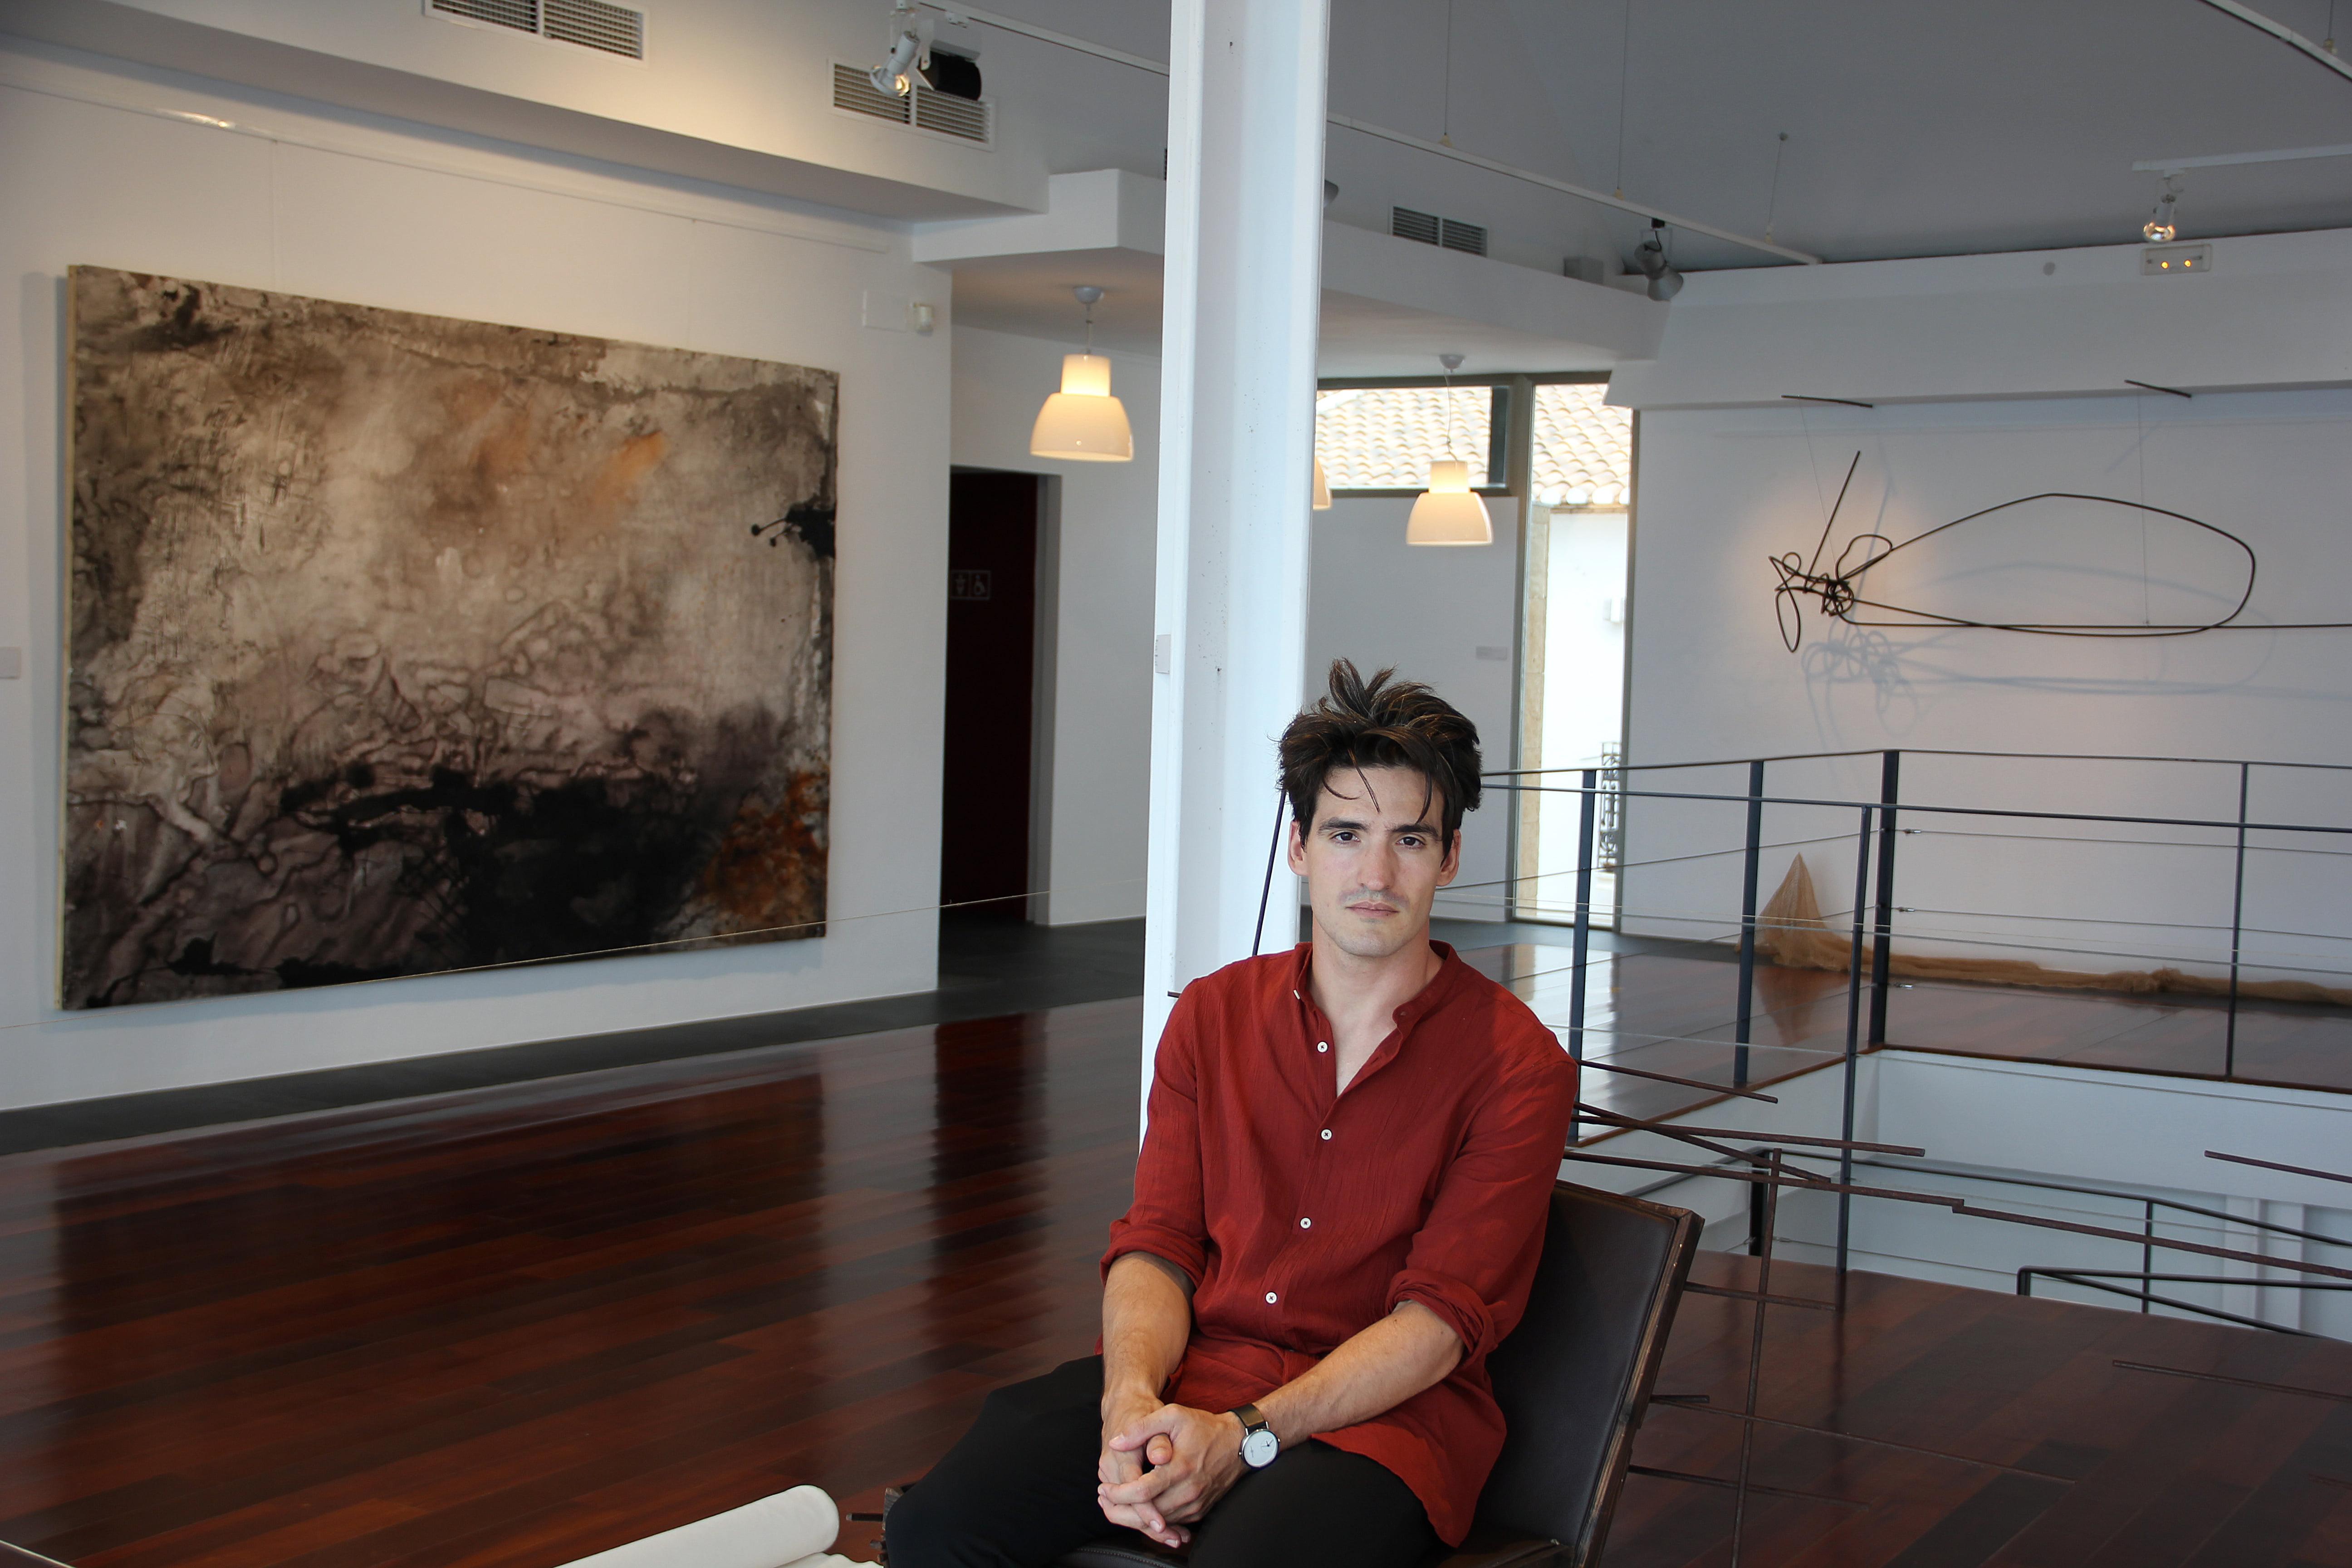 El artista Andrés Escrivá